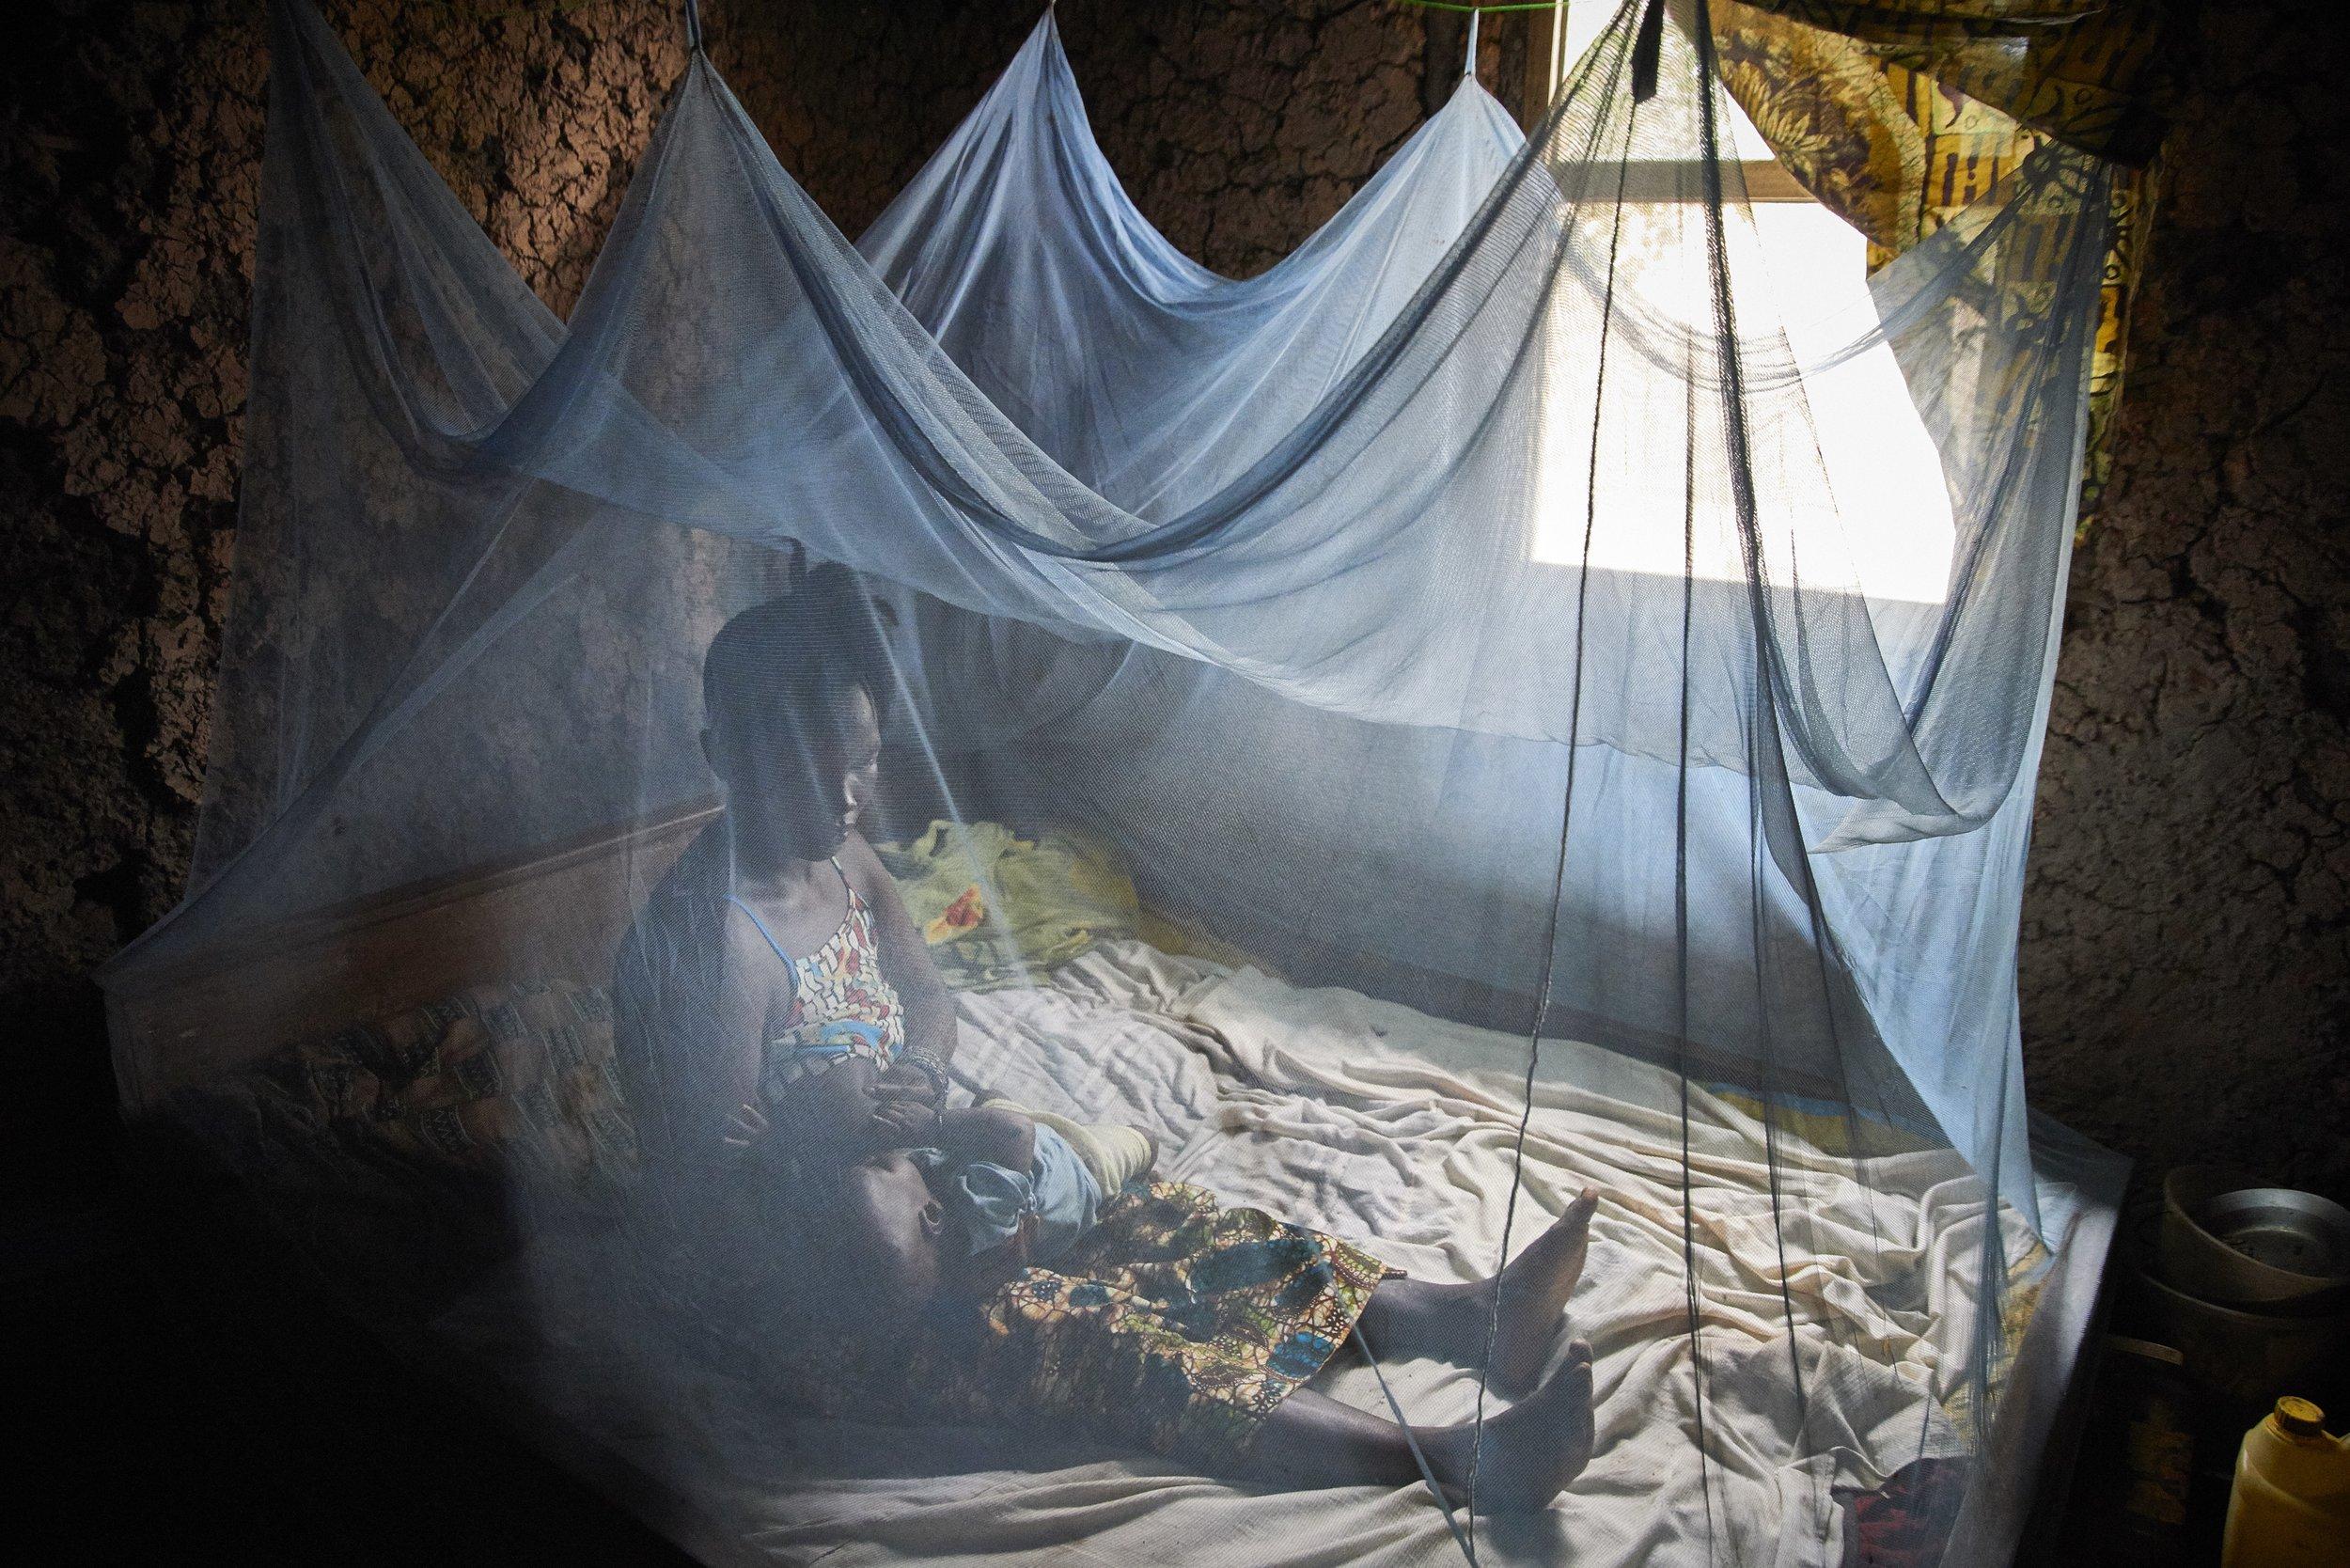 SP_060517_UNICEF_SIERRA_LEONE_3042.jpg